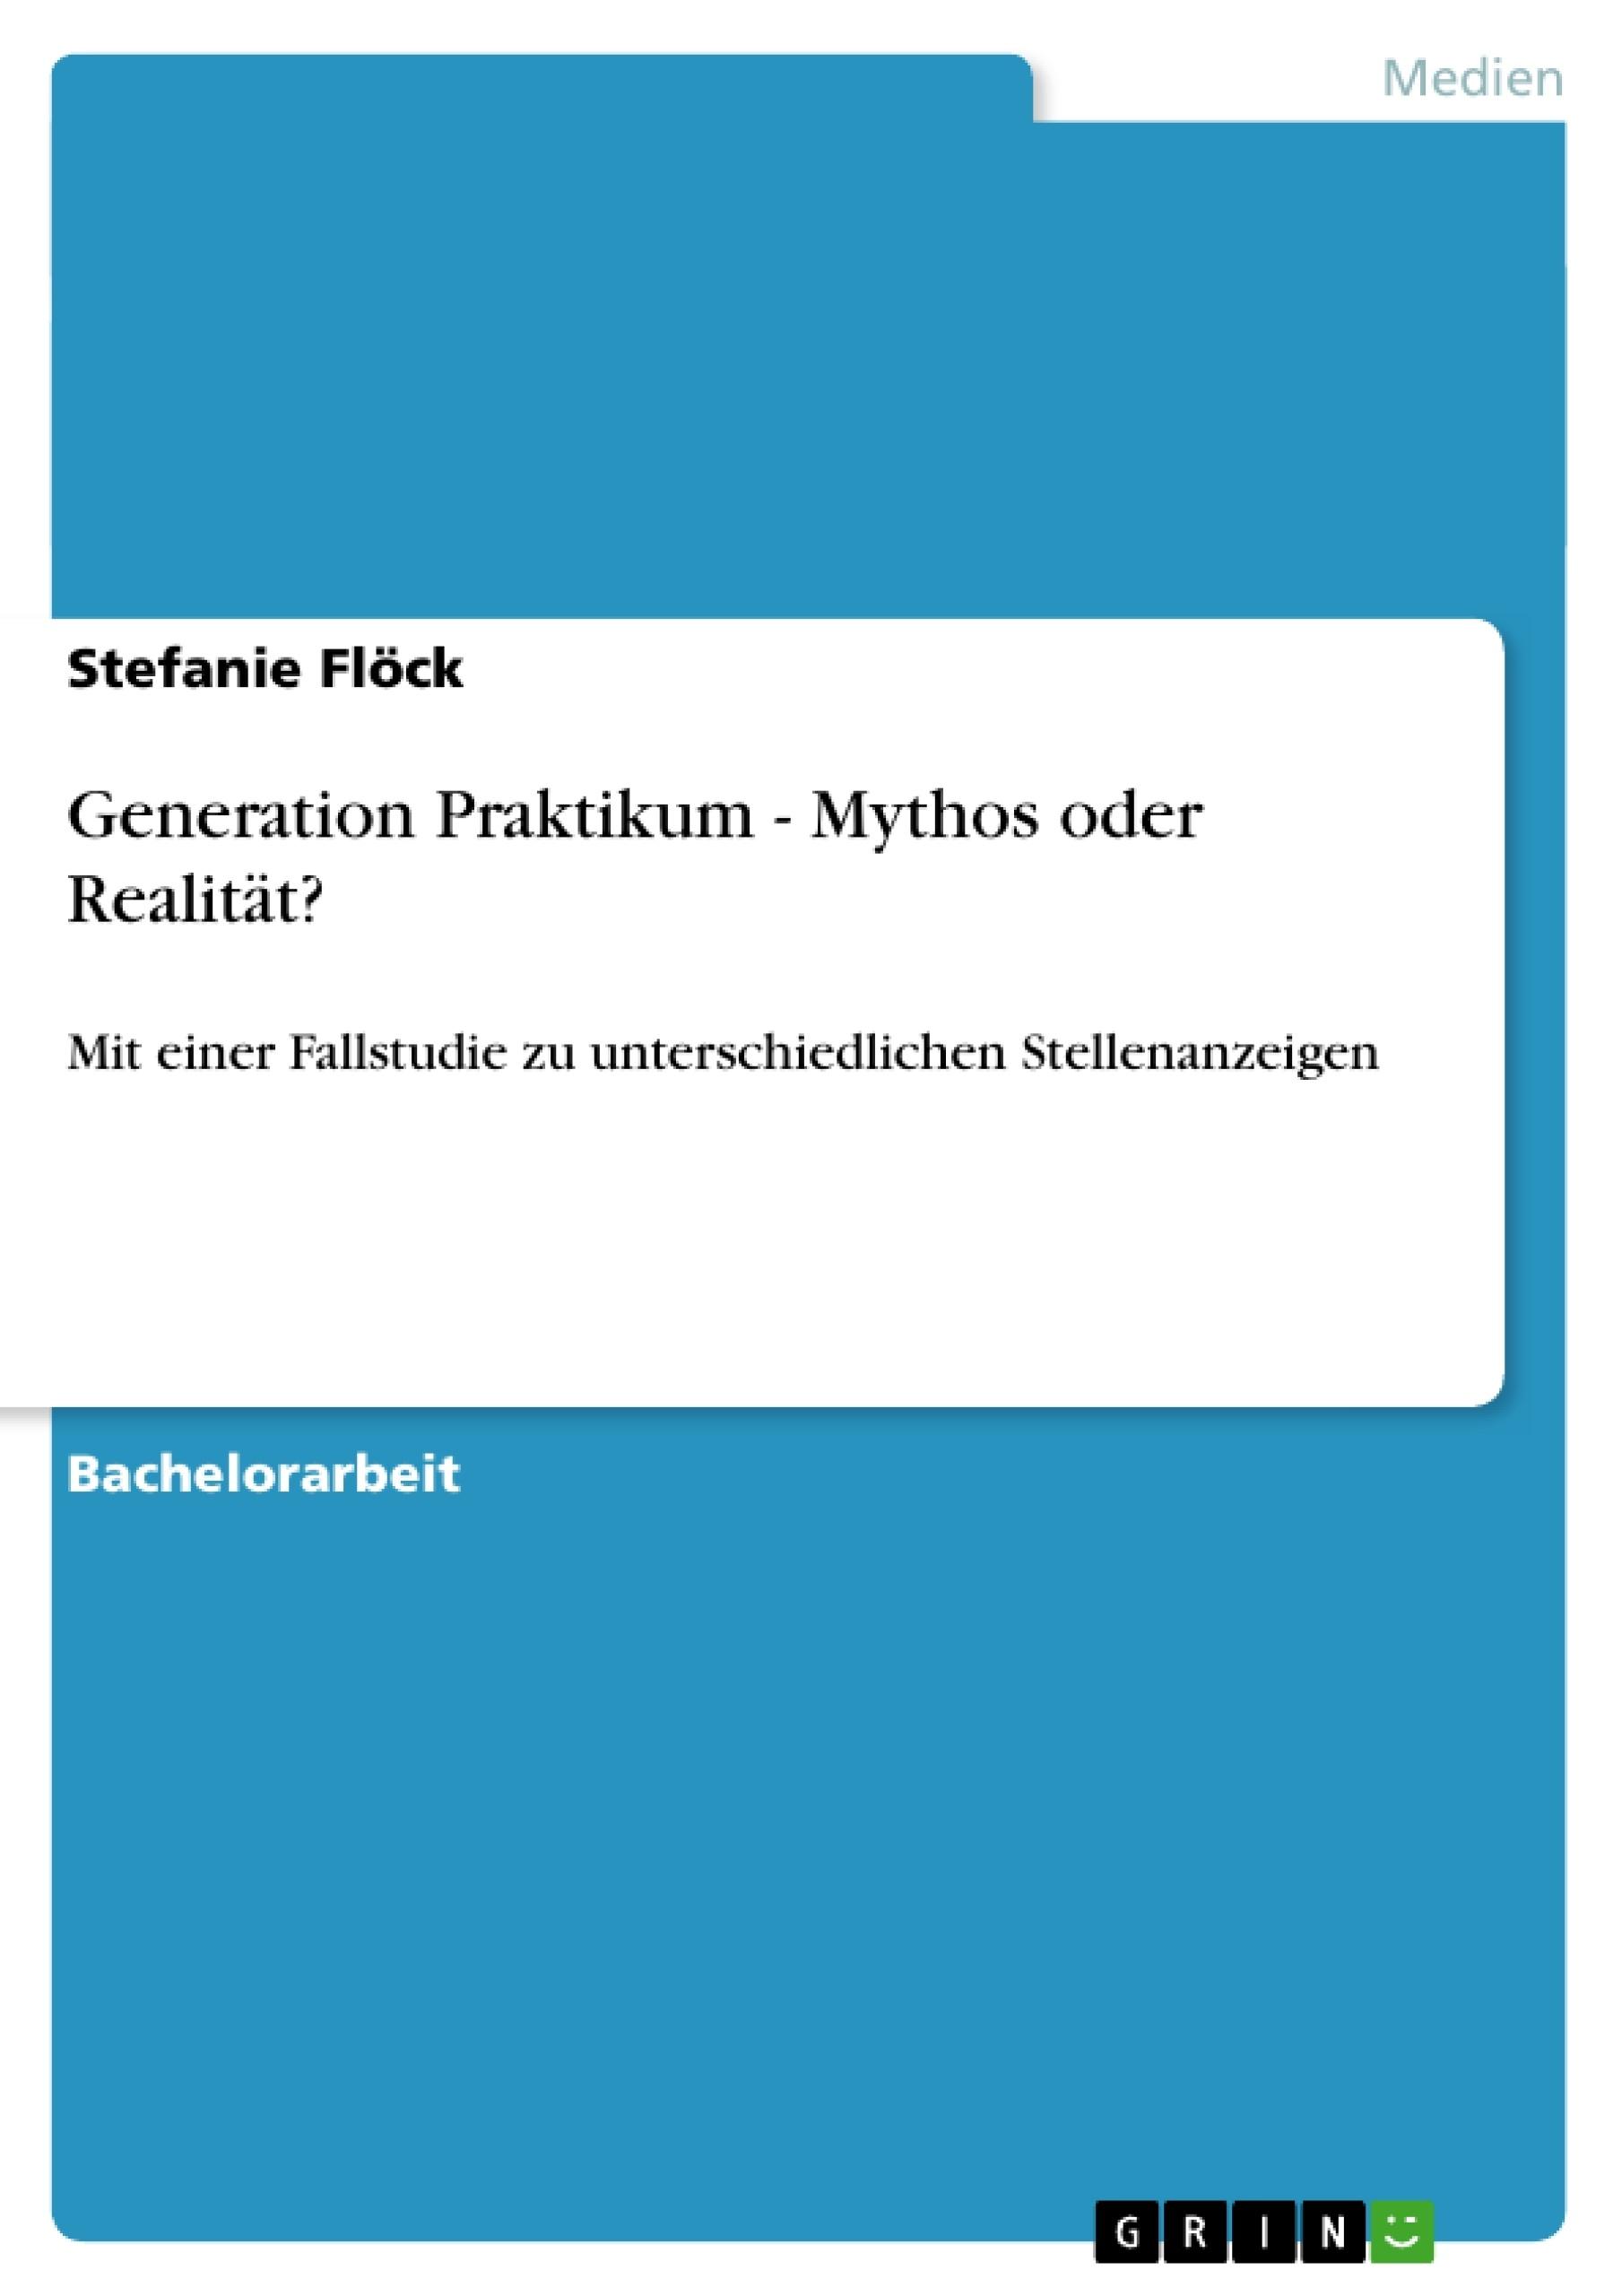 Titel: Generation Praktikum - Mythos oder Realität?